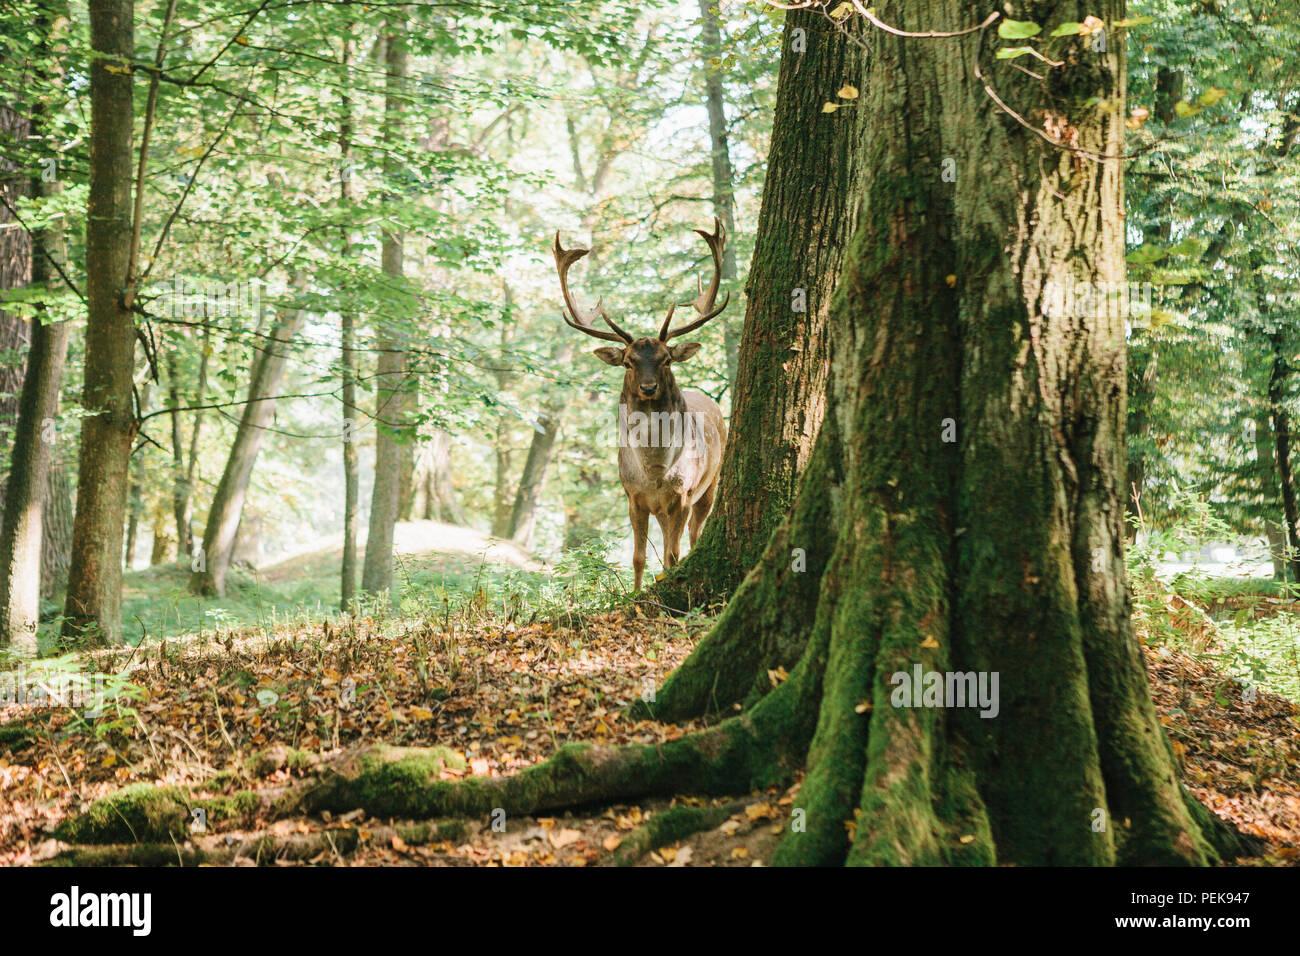 Bello ciervo con cuernos ramificada se asienta sobre una colina en un bosque de otoño entre árboles Foto de stock